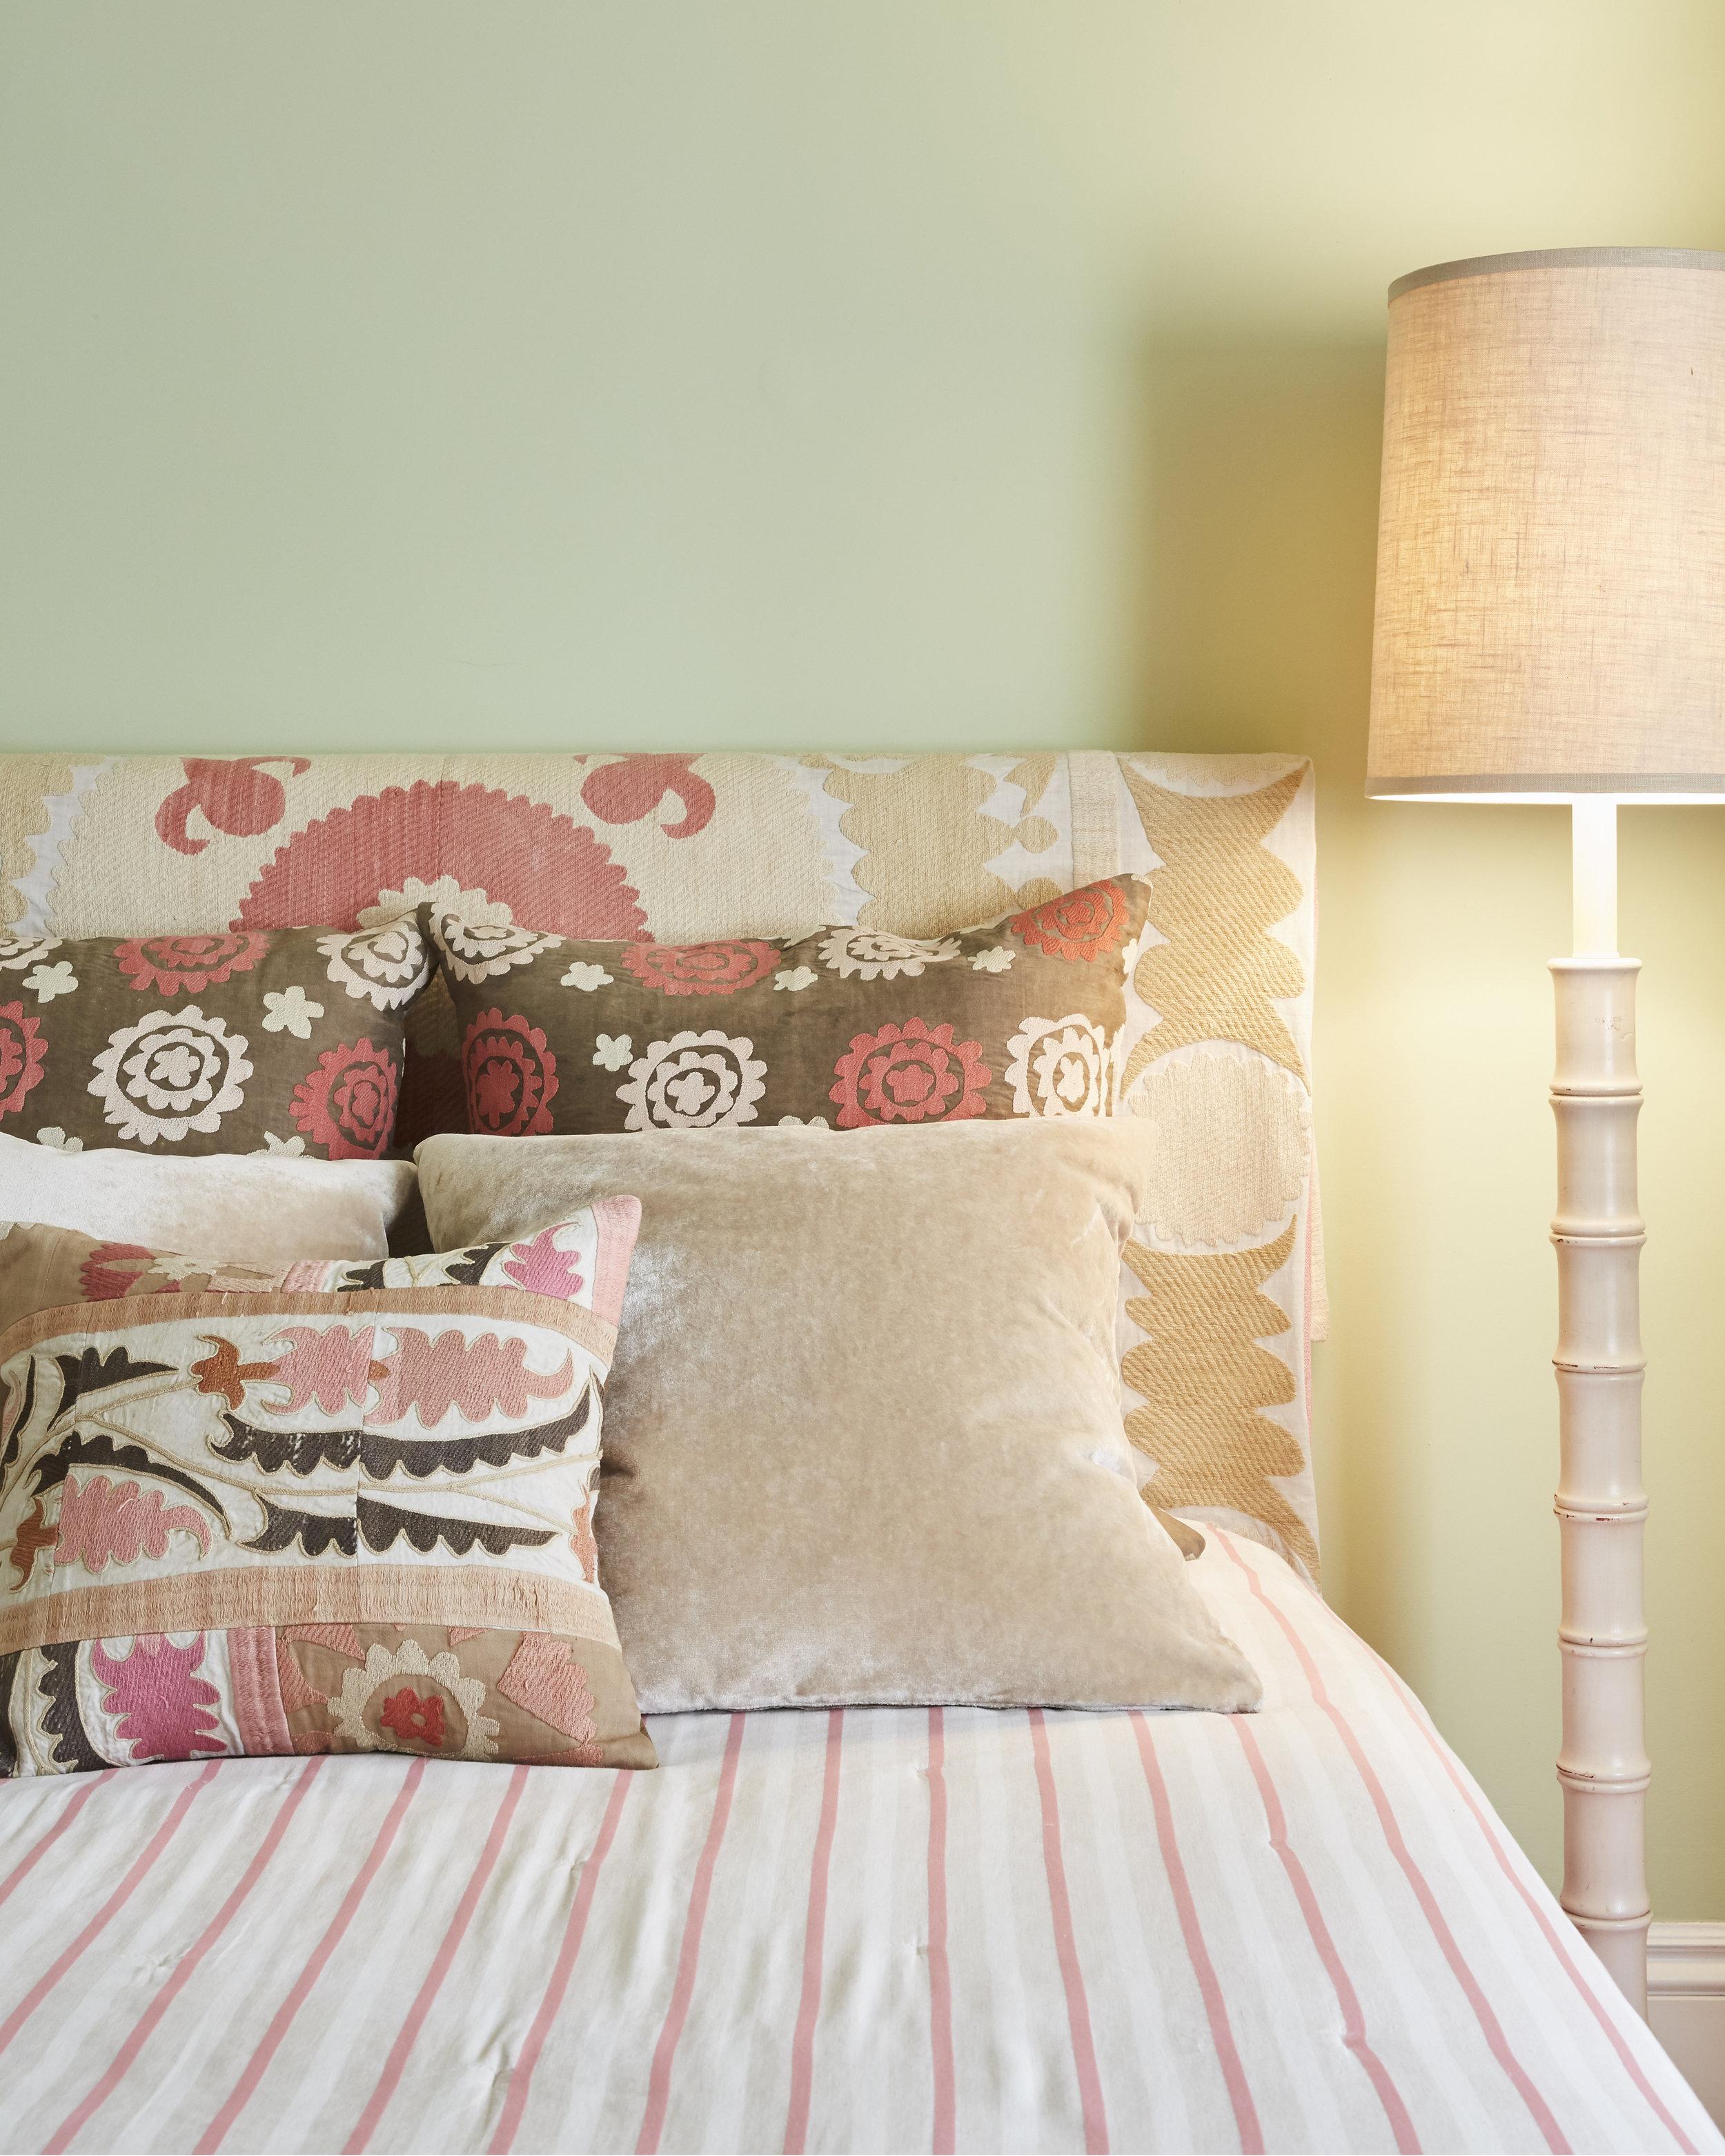 Styling by Lotus Bleu Design